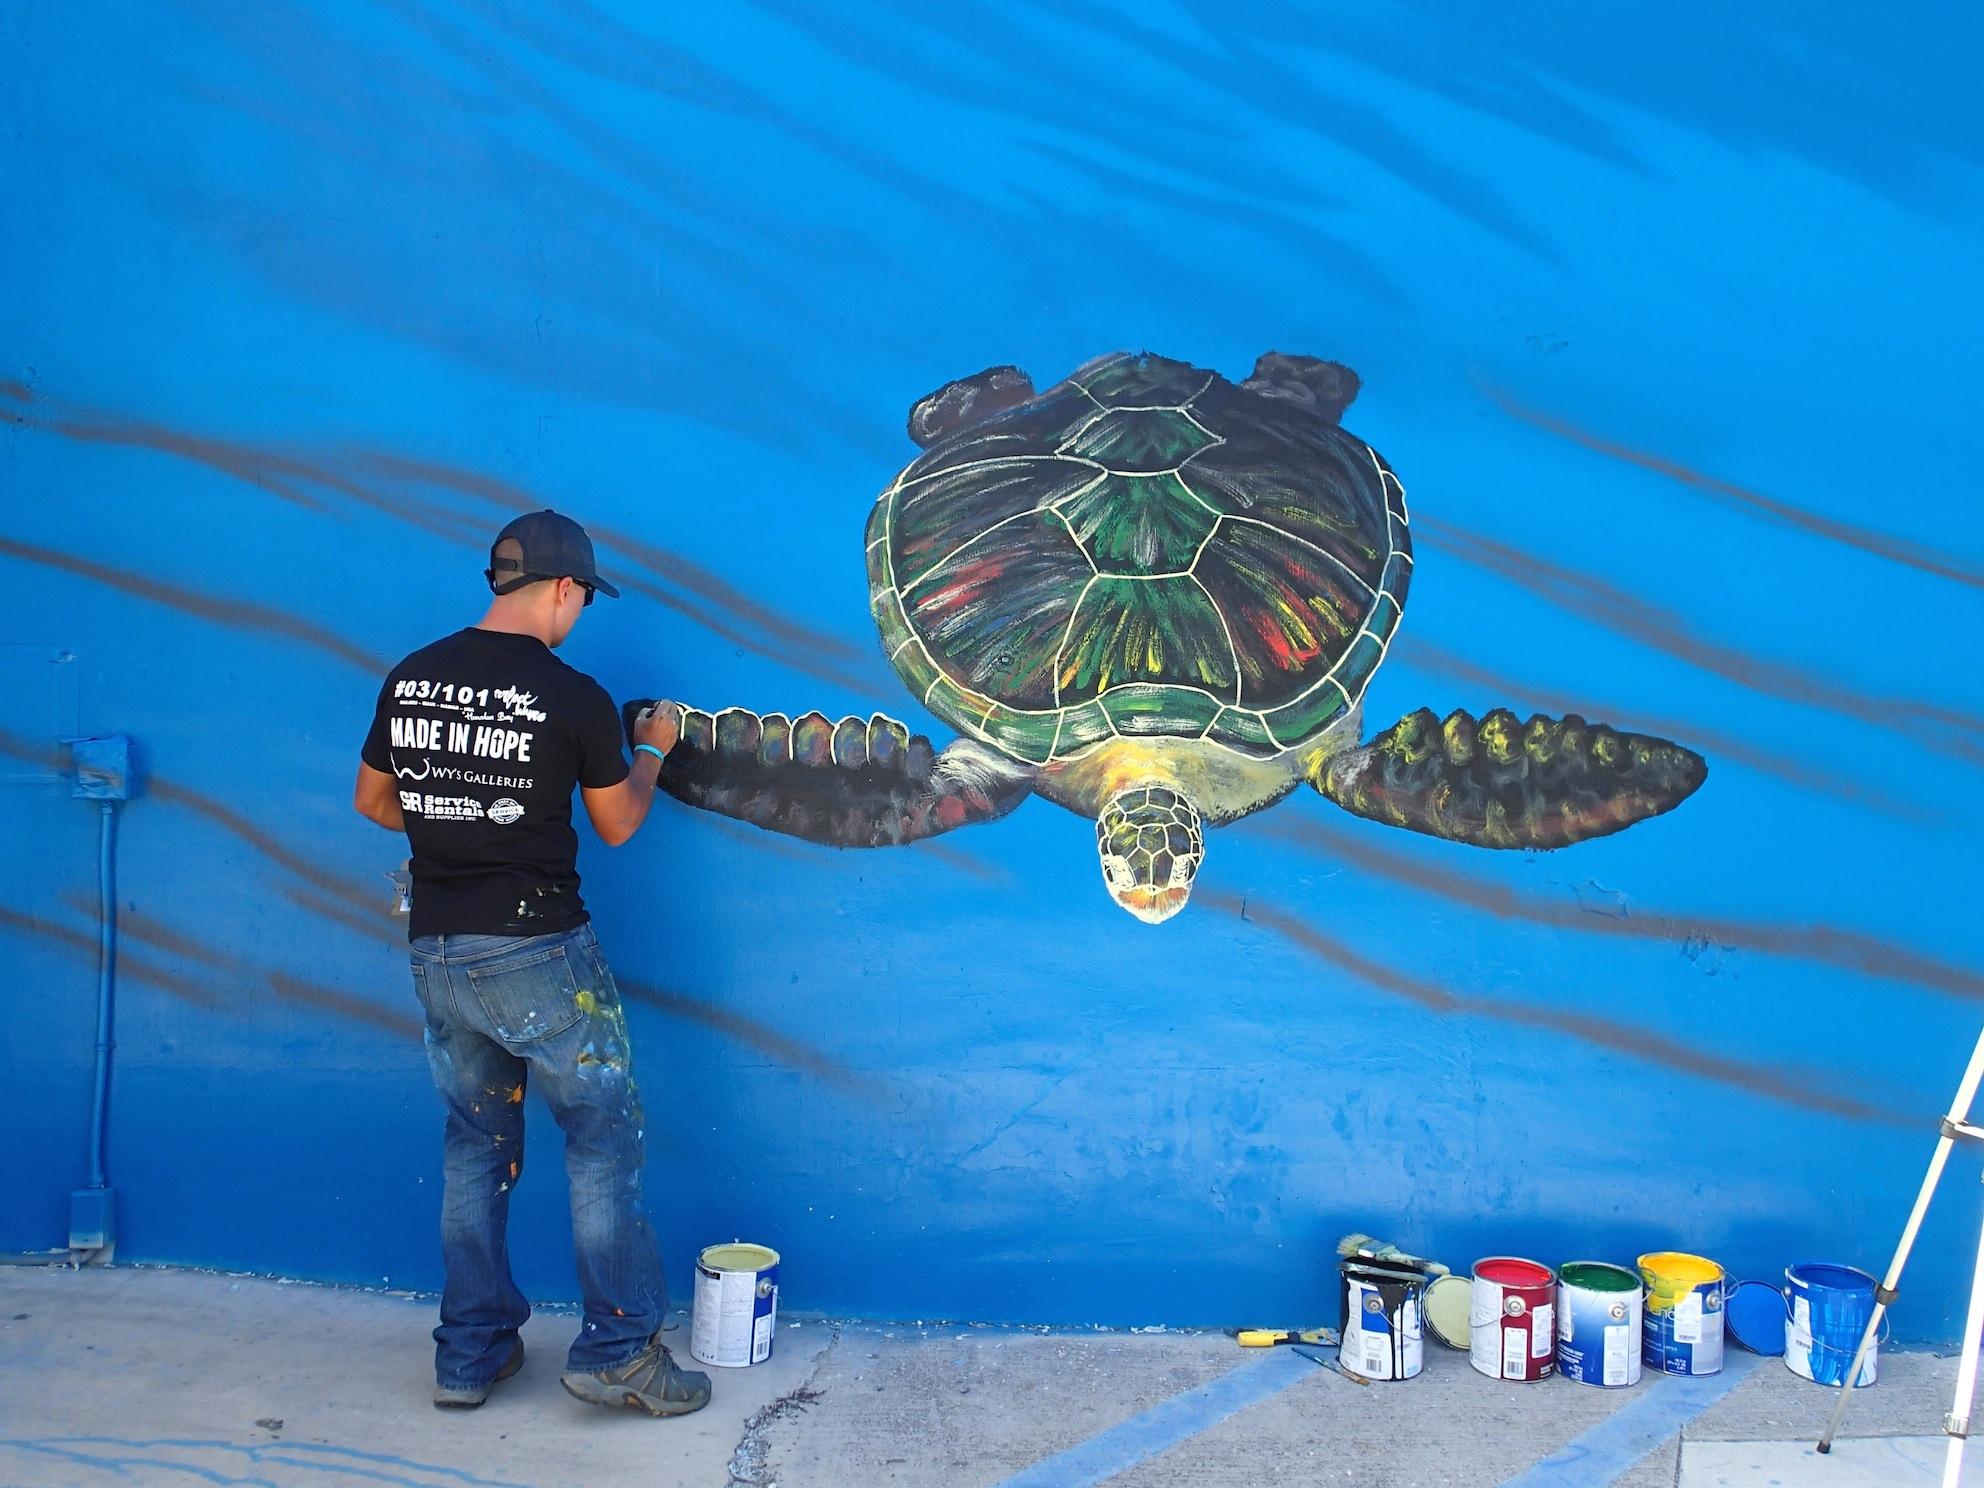 Hilton Turtle Mural Hilton Alves Paints 3rd Perfect Wave Mural of 101